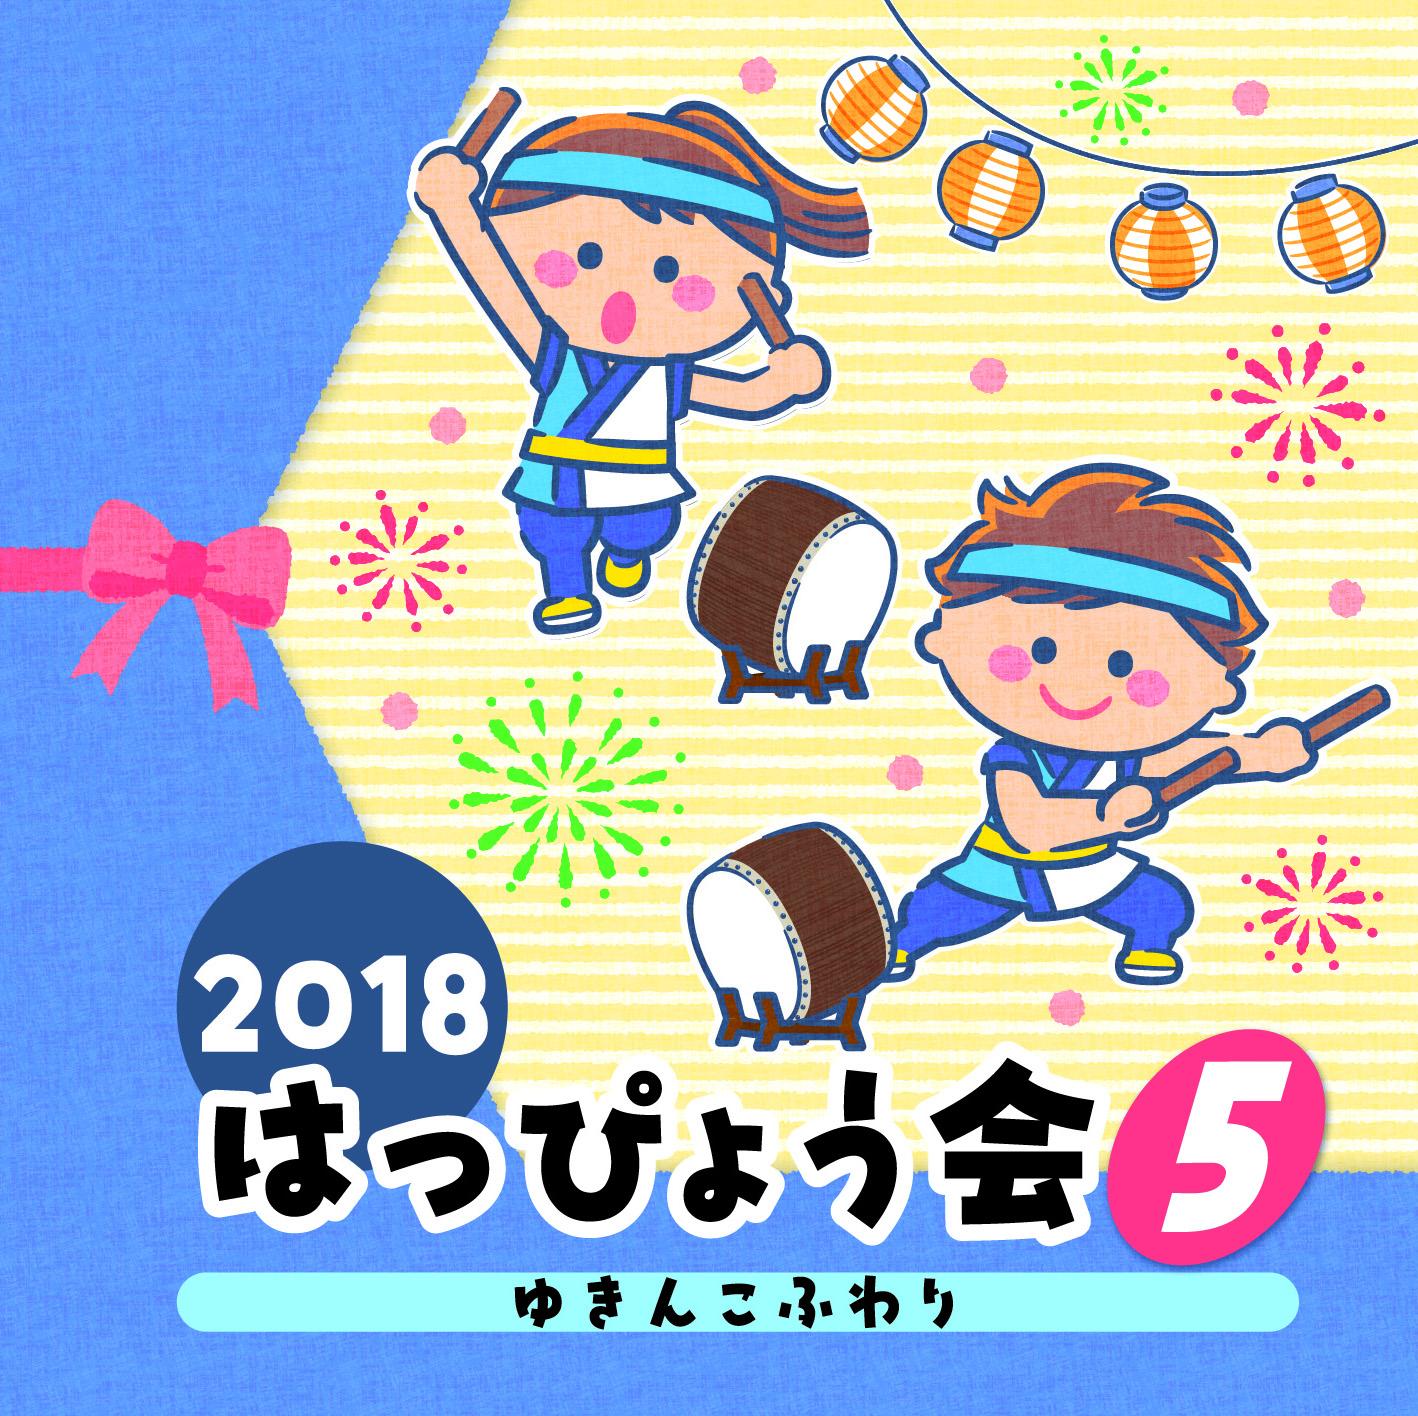 2018 はっぴょう会 (5) ゆきんこふわり